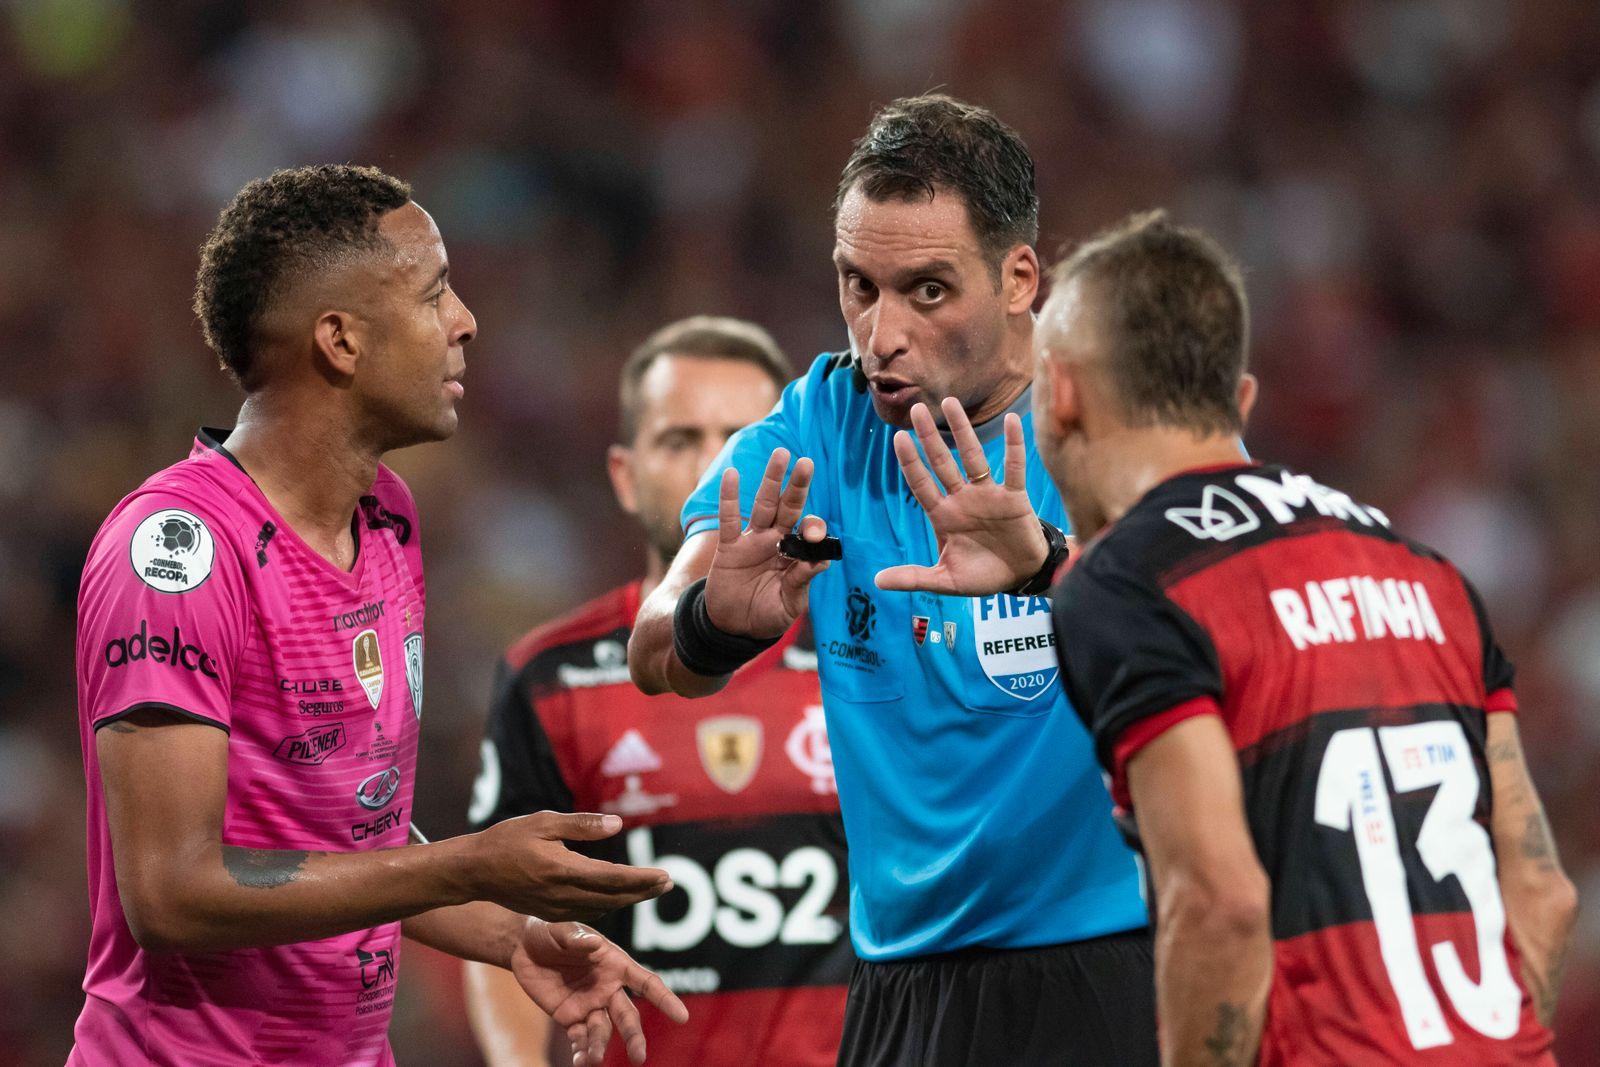 Recopa Flamengo x Independiente Del Valle RIO DE JANEIRO, RJ - 26.02.2020: RECOPA FLAMENGO X INDEPENDIENTE DEL VALLE -